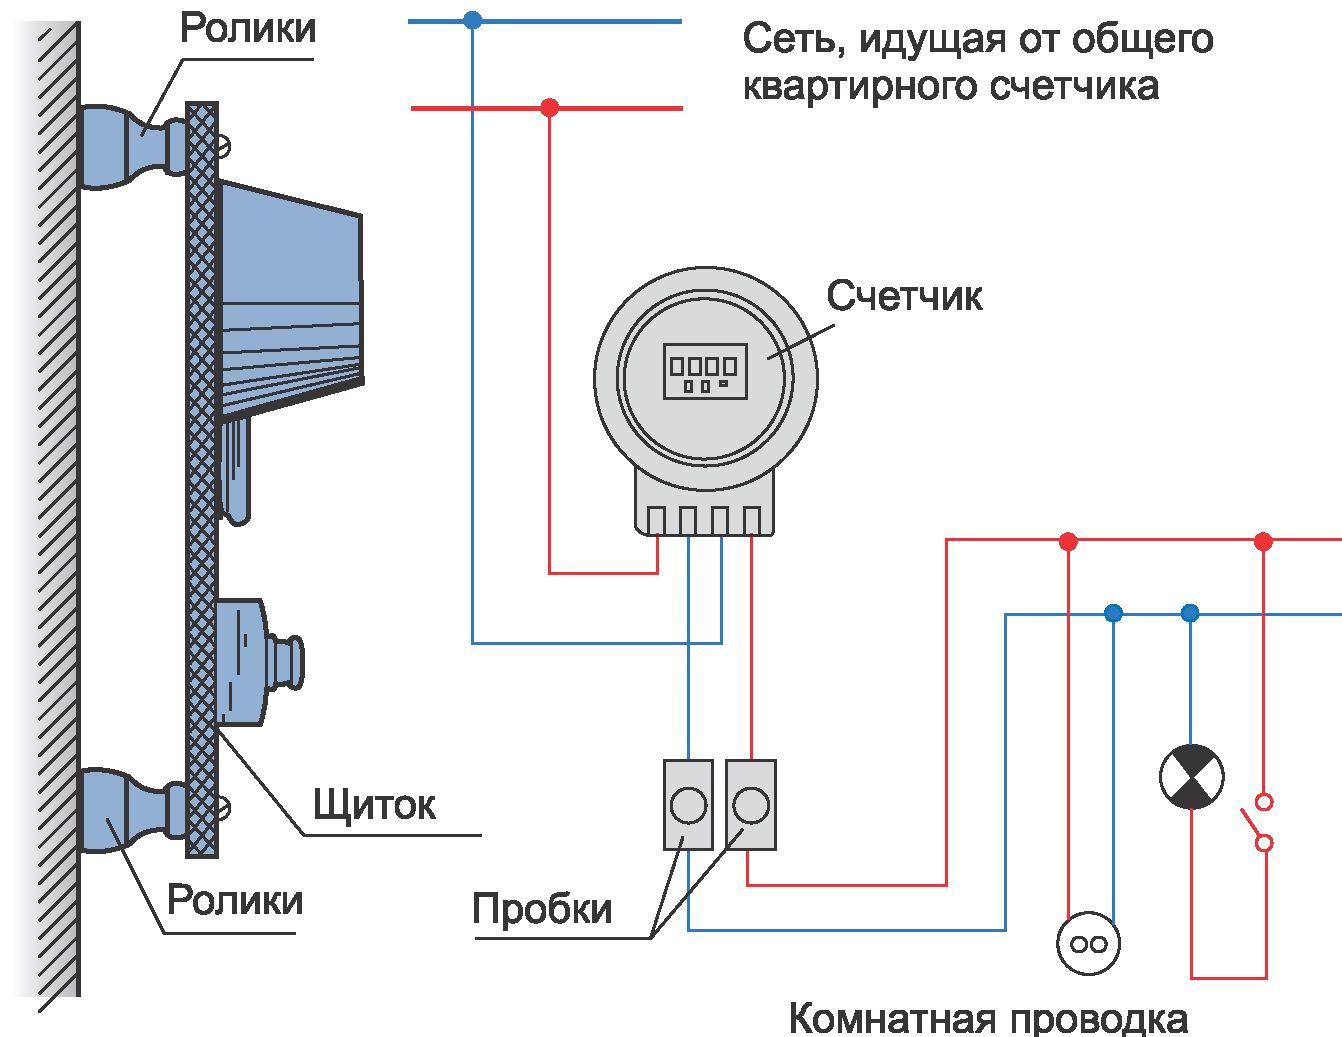 Монтаж проводов распределительных сетей